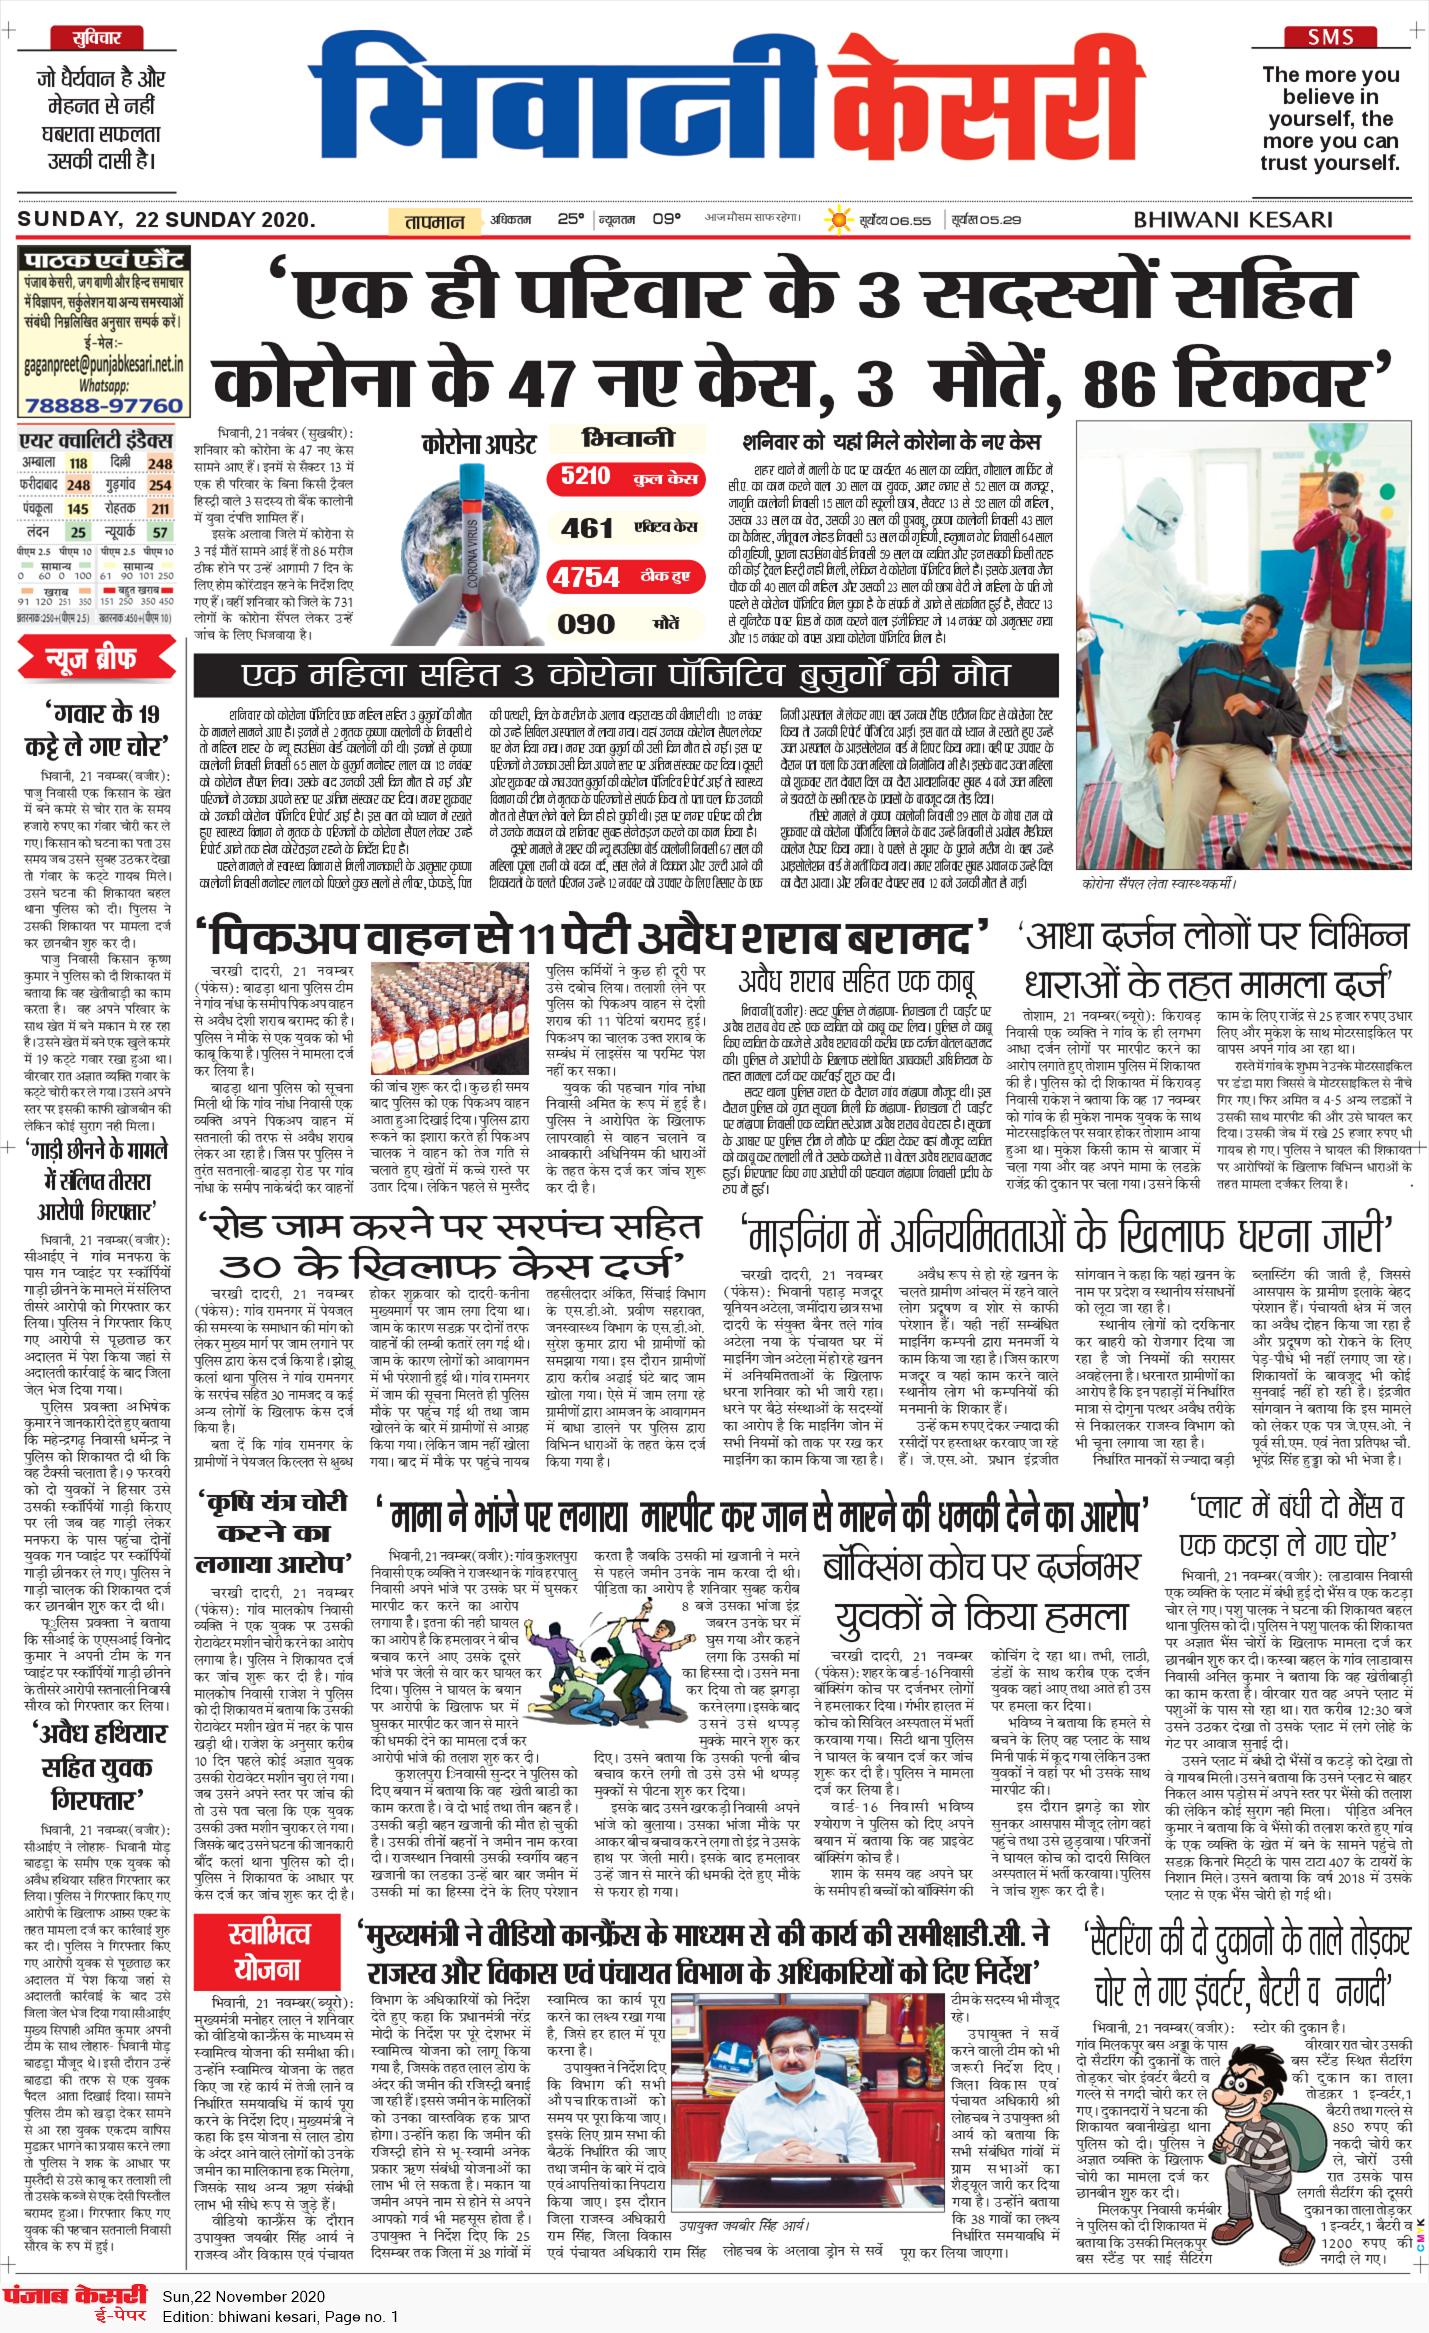 Bhiwani Kesari 11/22/2020 12:00:00 AM